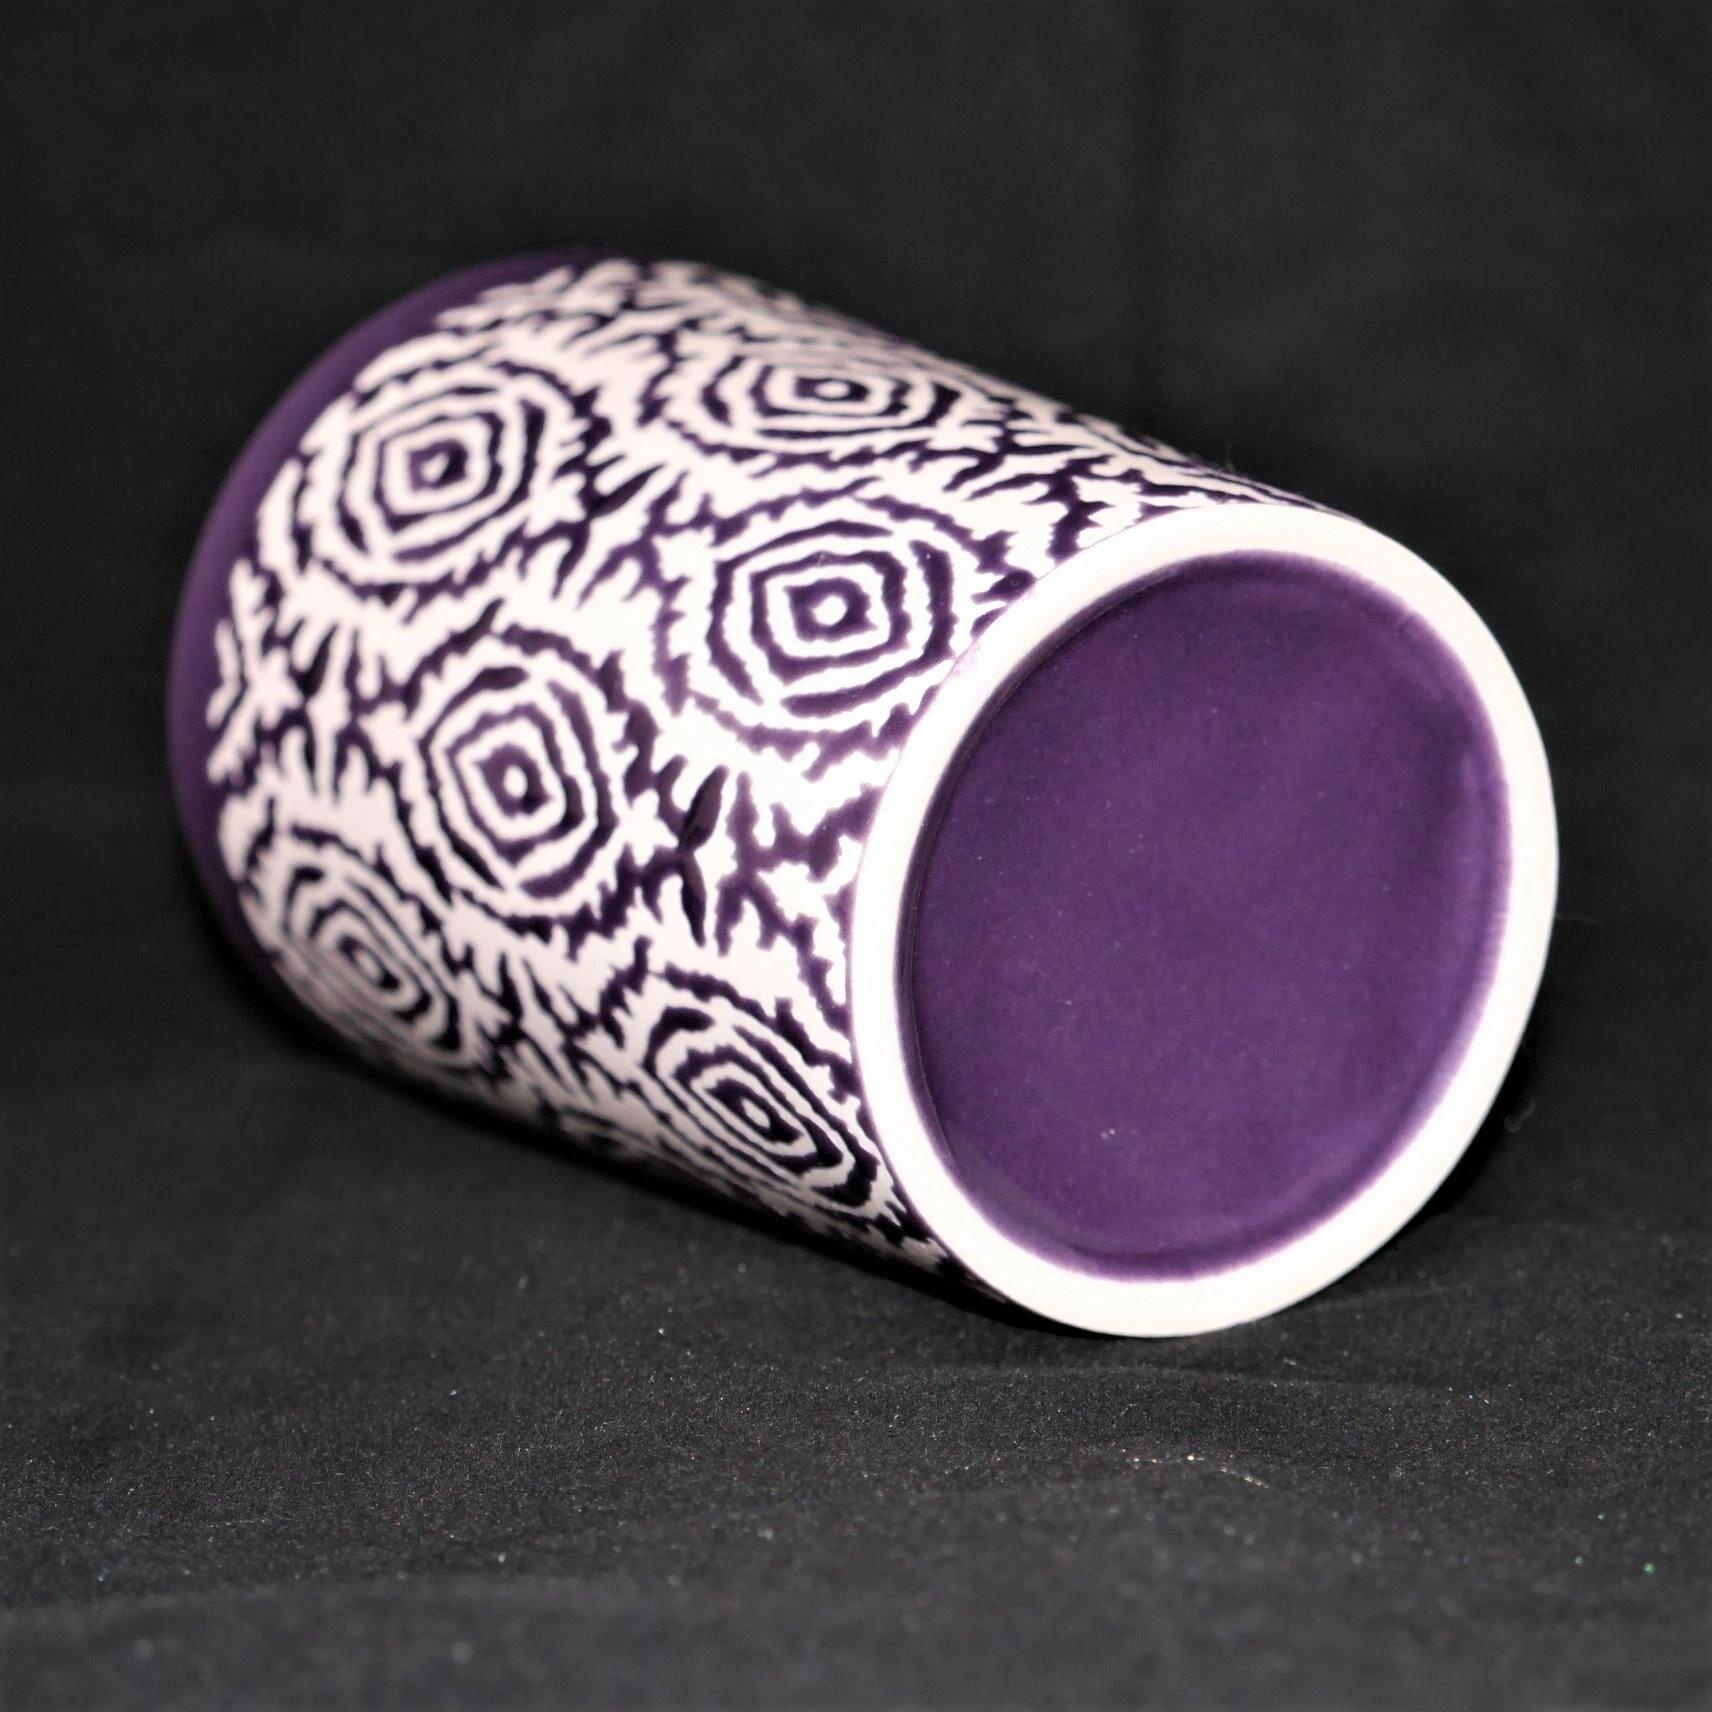 馬克杯紫色幾何紋500ml【曉風】 3